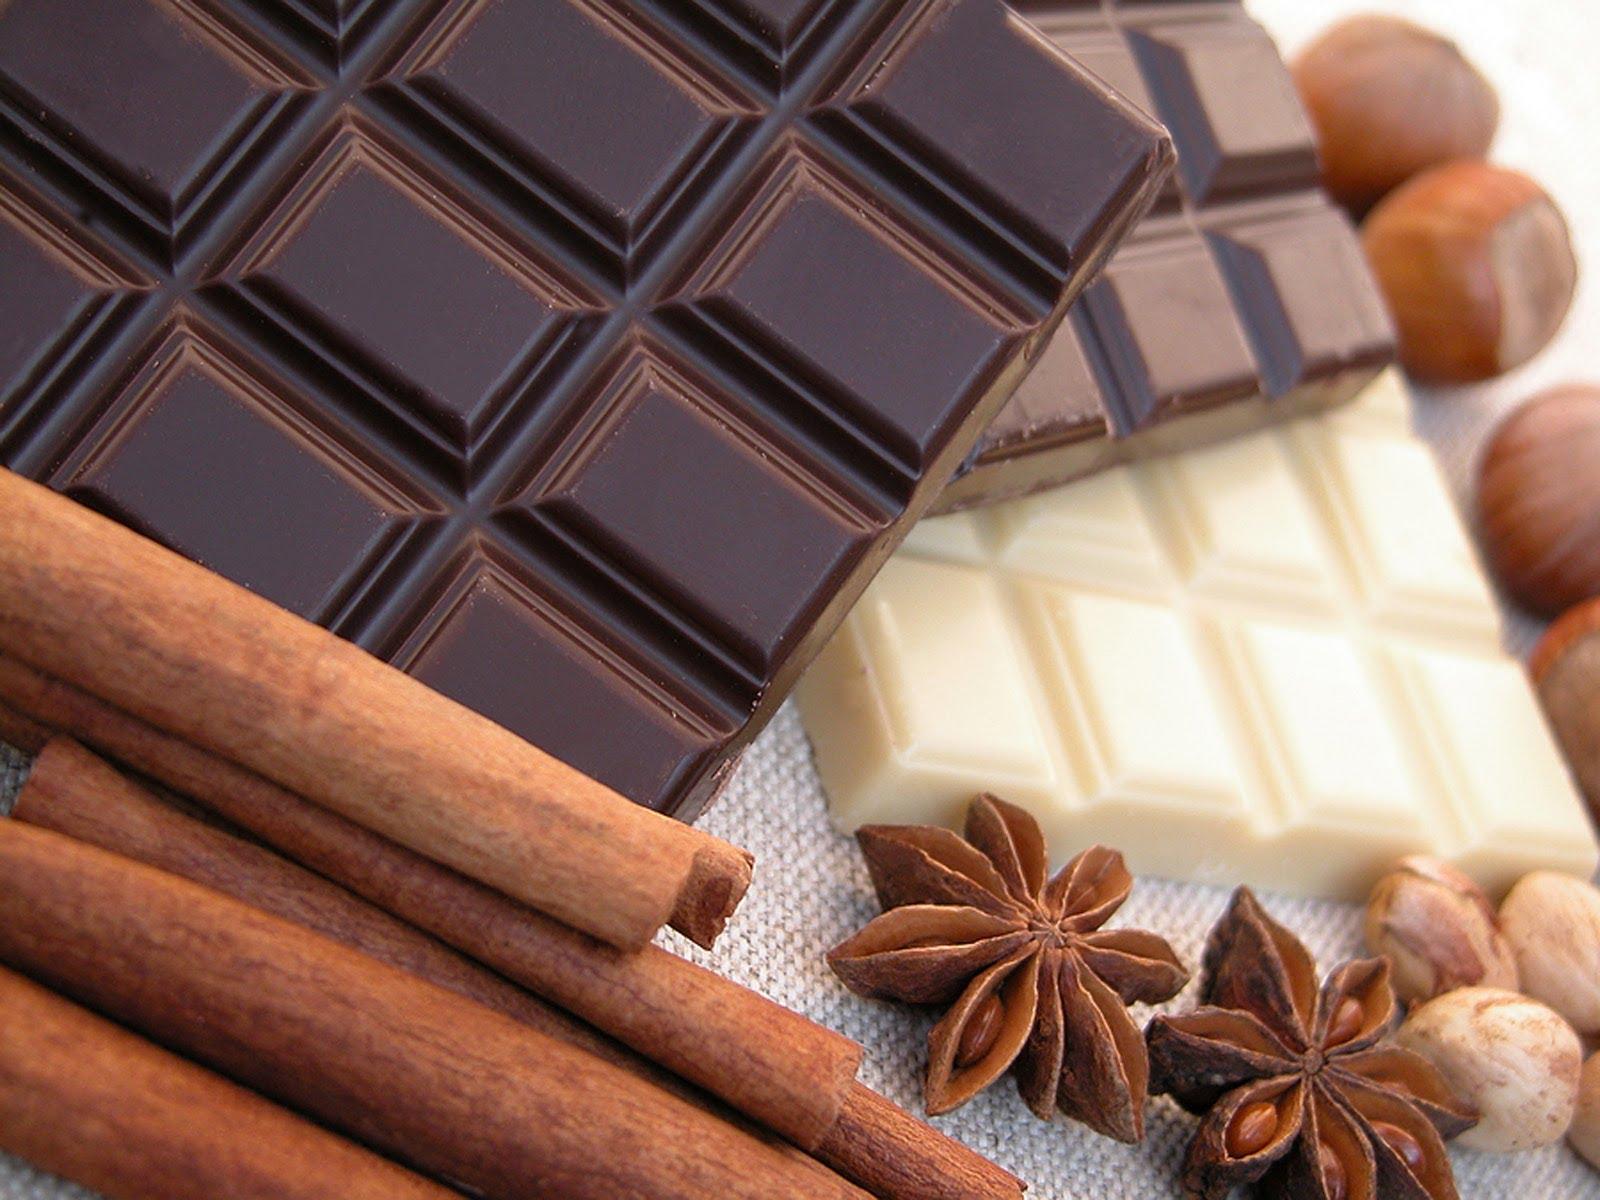 Темный шоколад воздействует на организм как спазмолитическое и мочегонное средство.